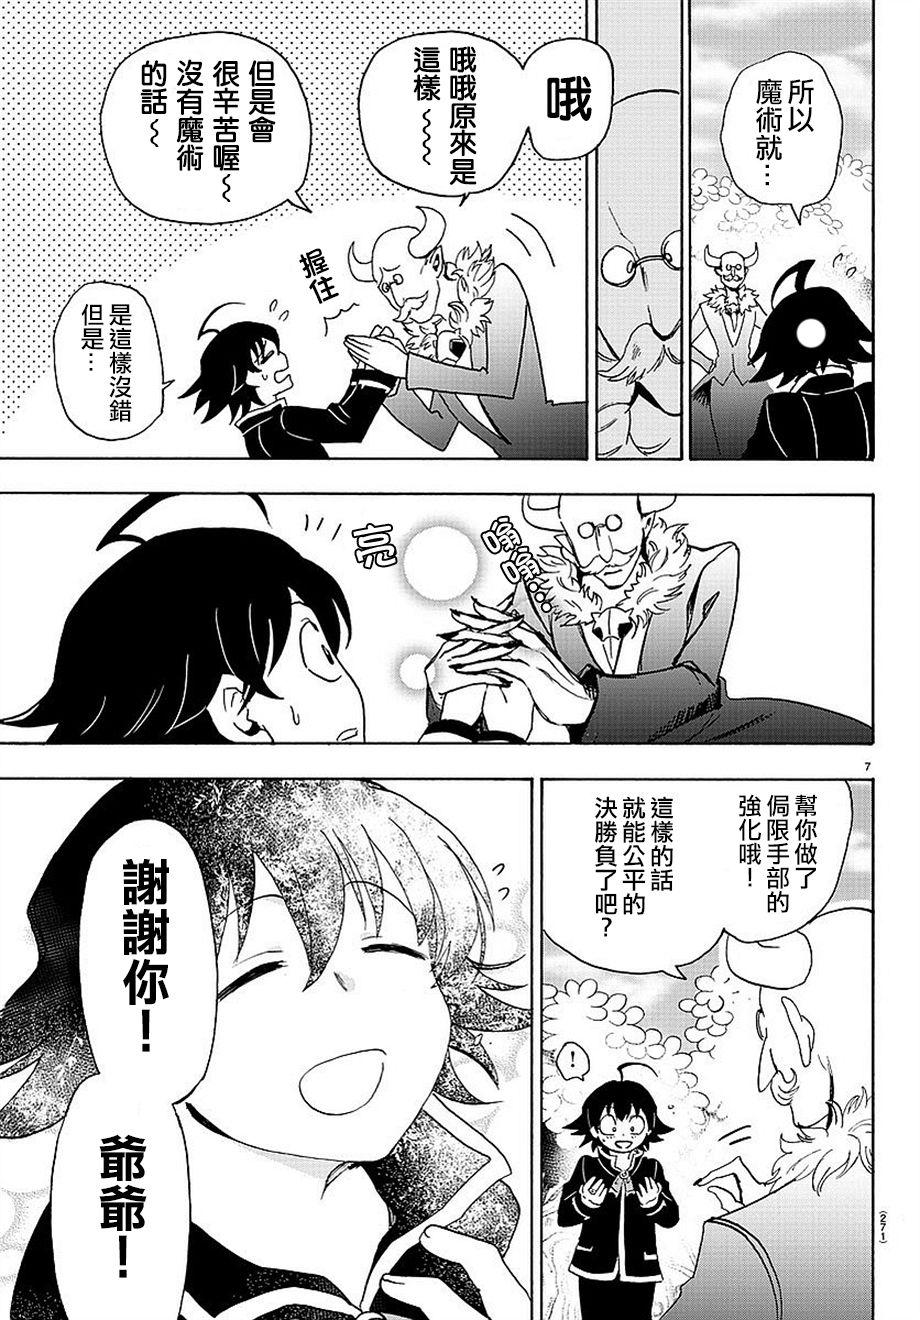 【动漫推荐】入间同学入魔了-小柚妹站